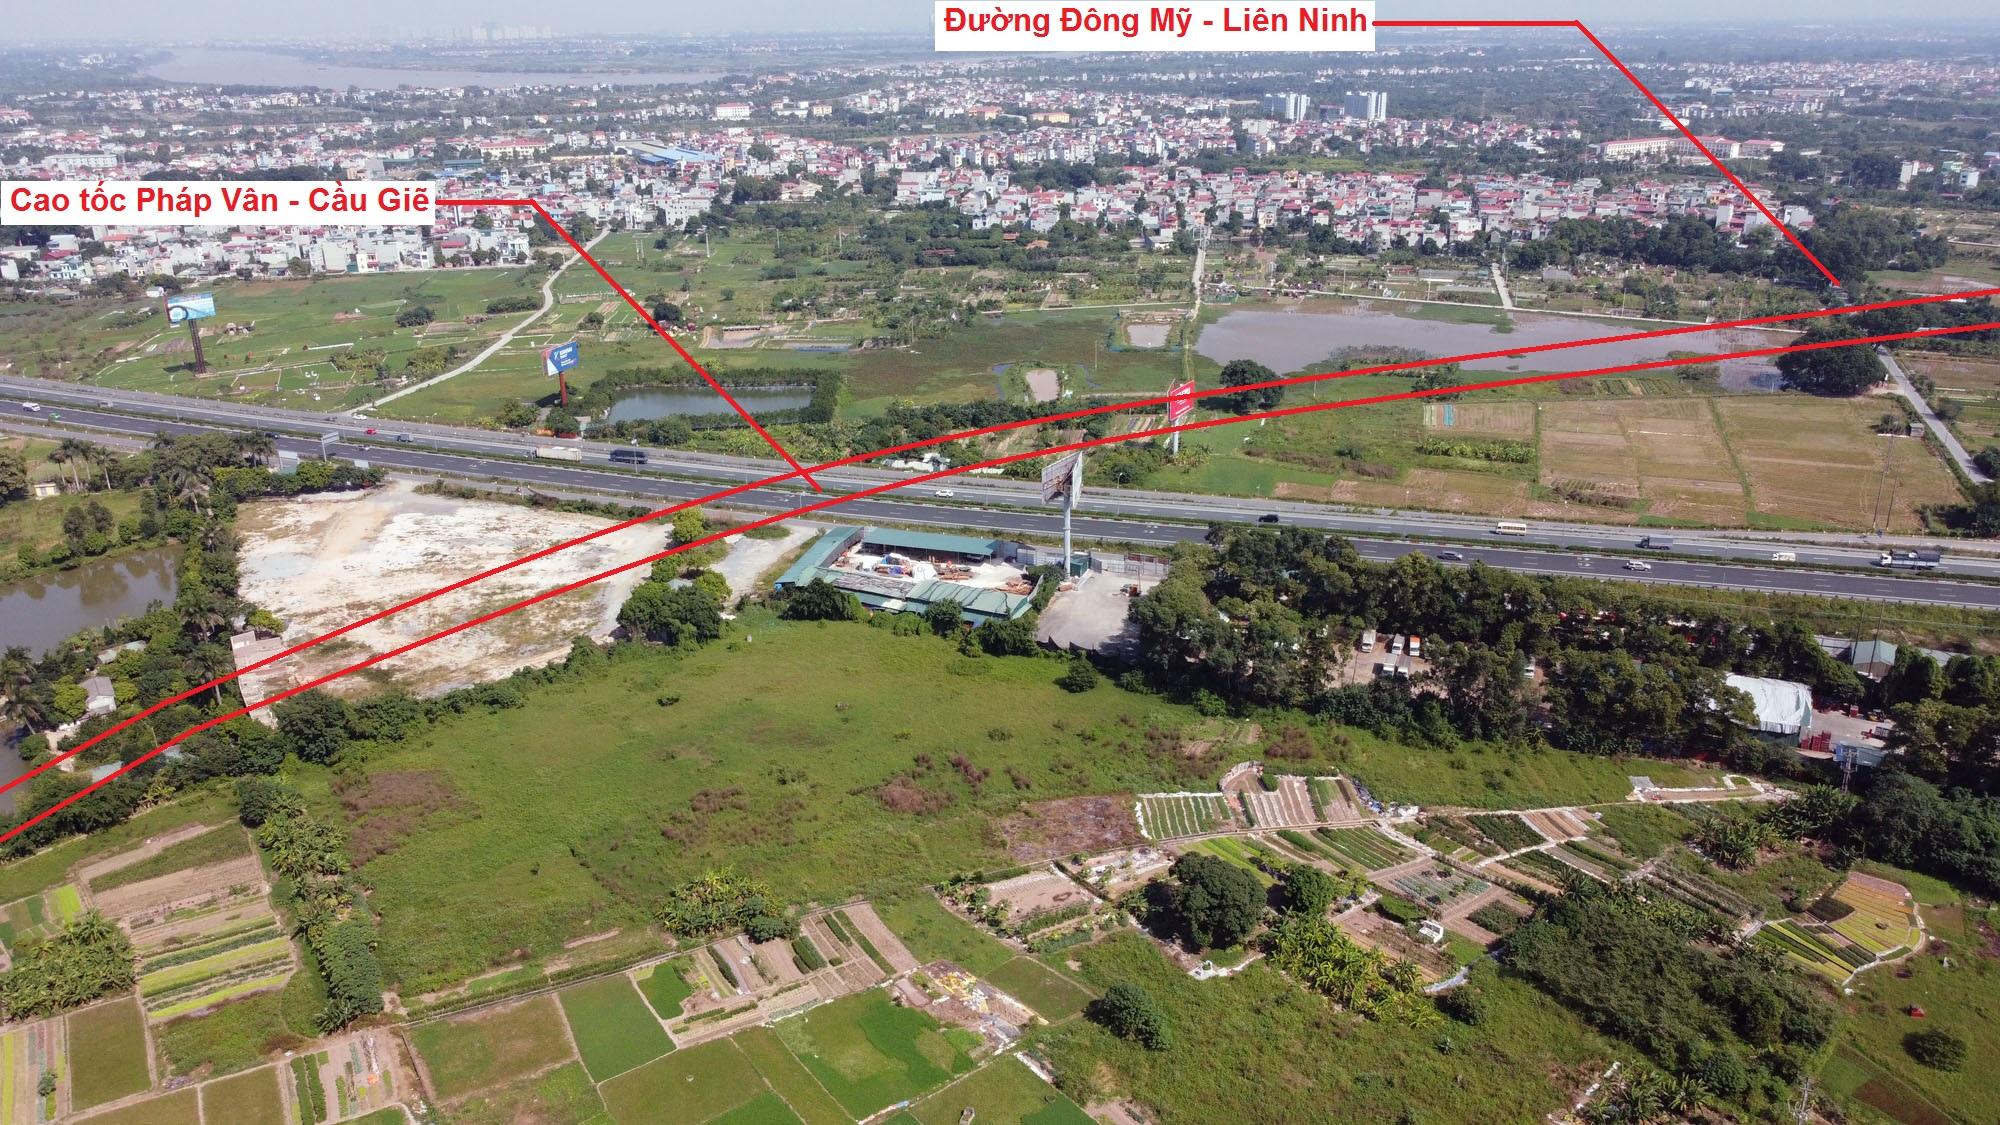 Ba đường sẽ mở theo quy hoạch ở xã Liên Ninh, Thanh Trì, Hà Nội - Ảnh 5.